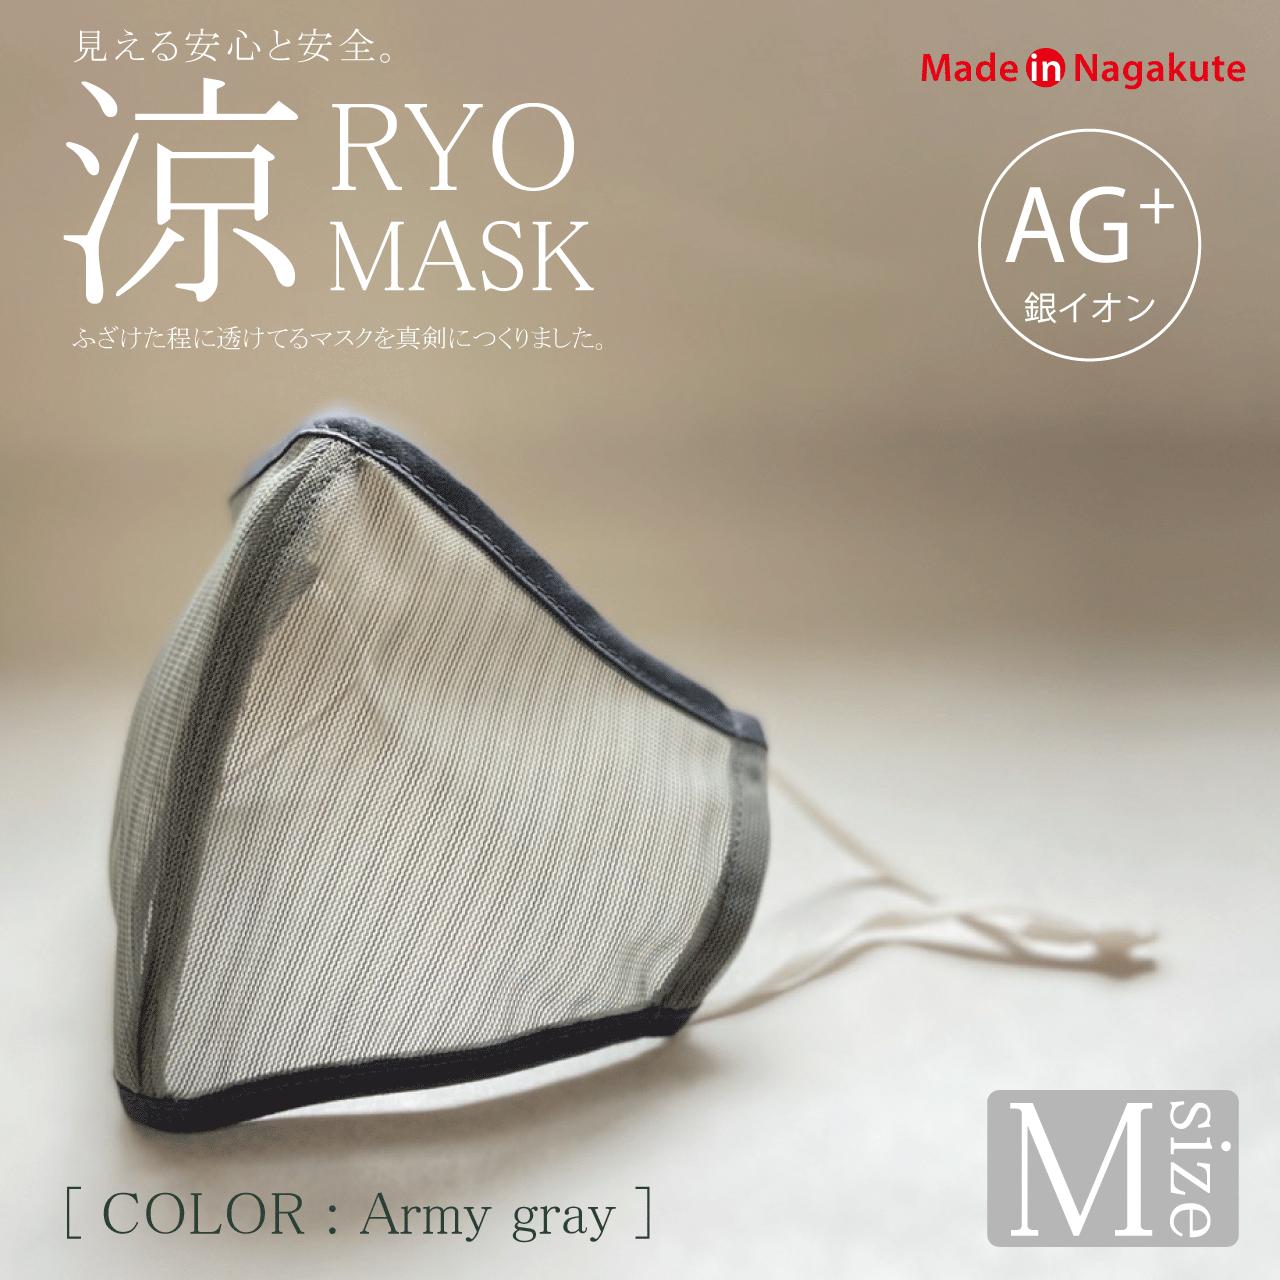 涼マスク / ARMY GRAY / Mサイズ / 高機能フィルター30枚付